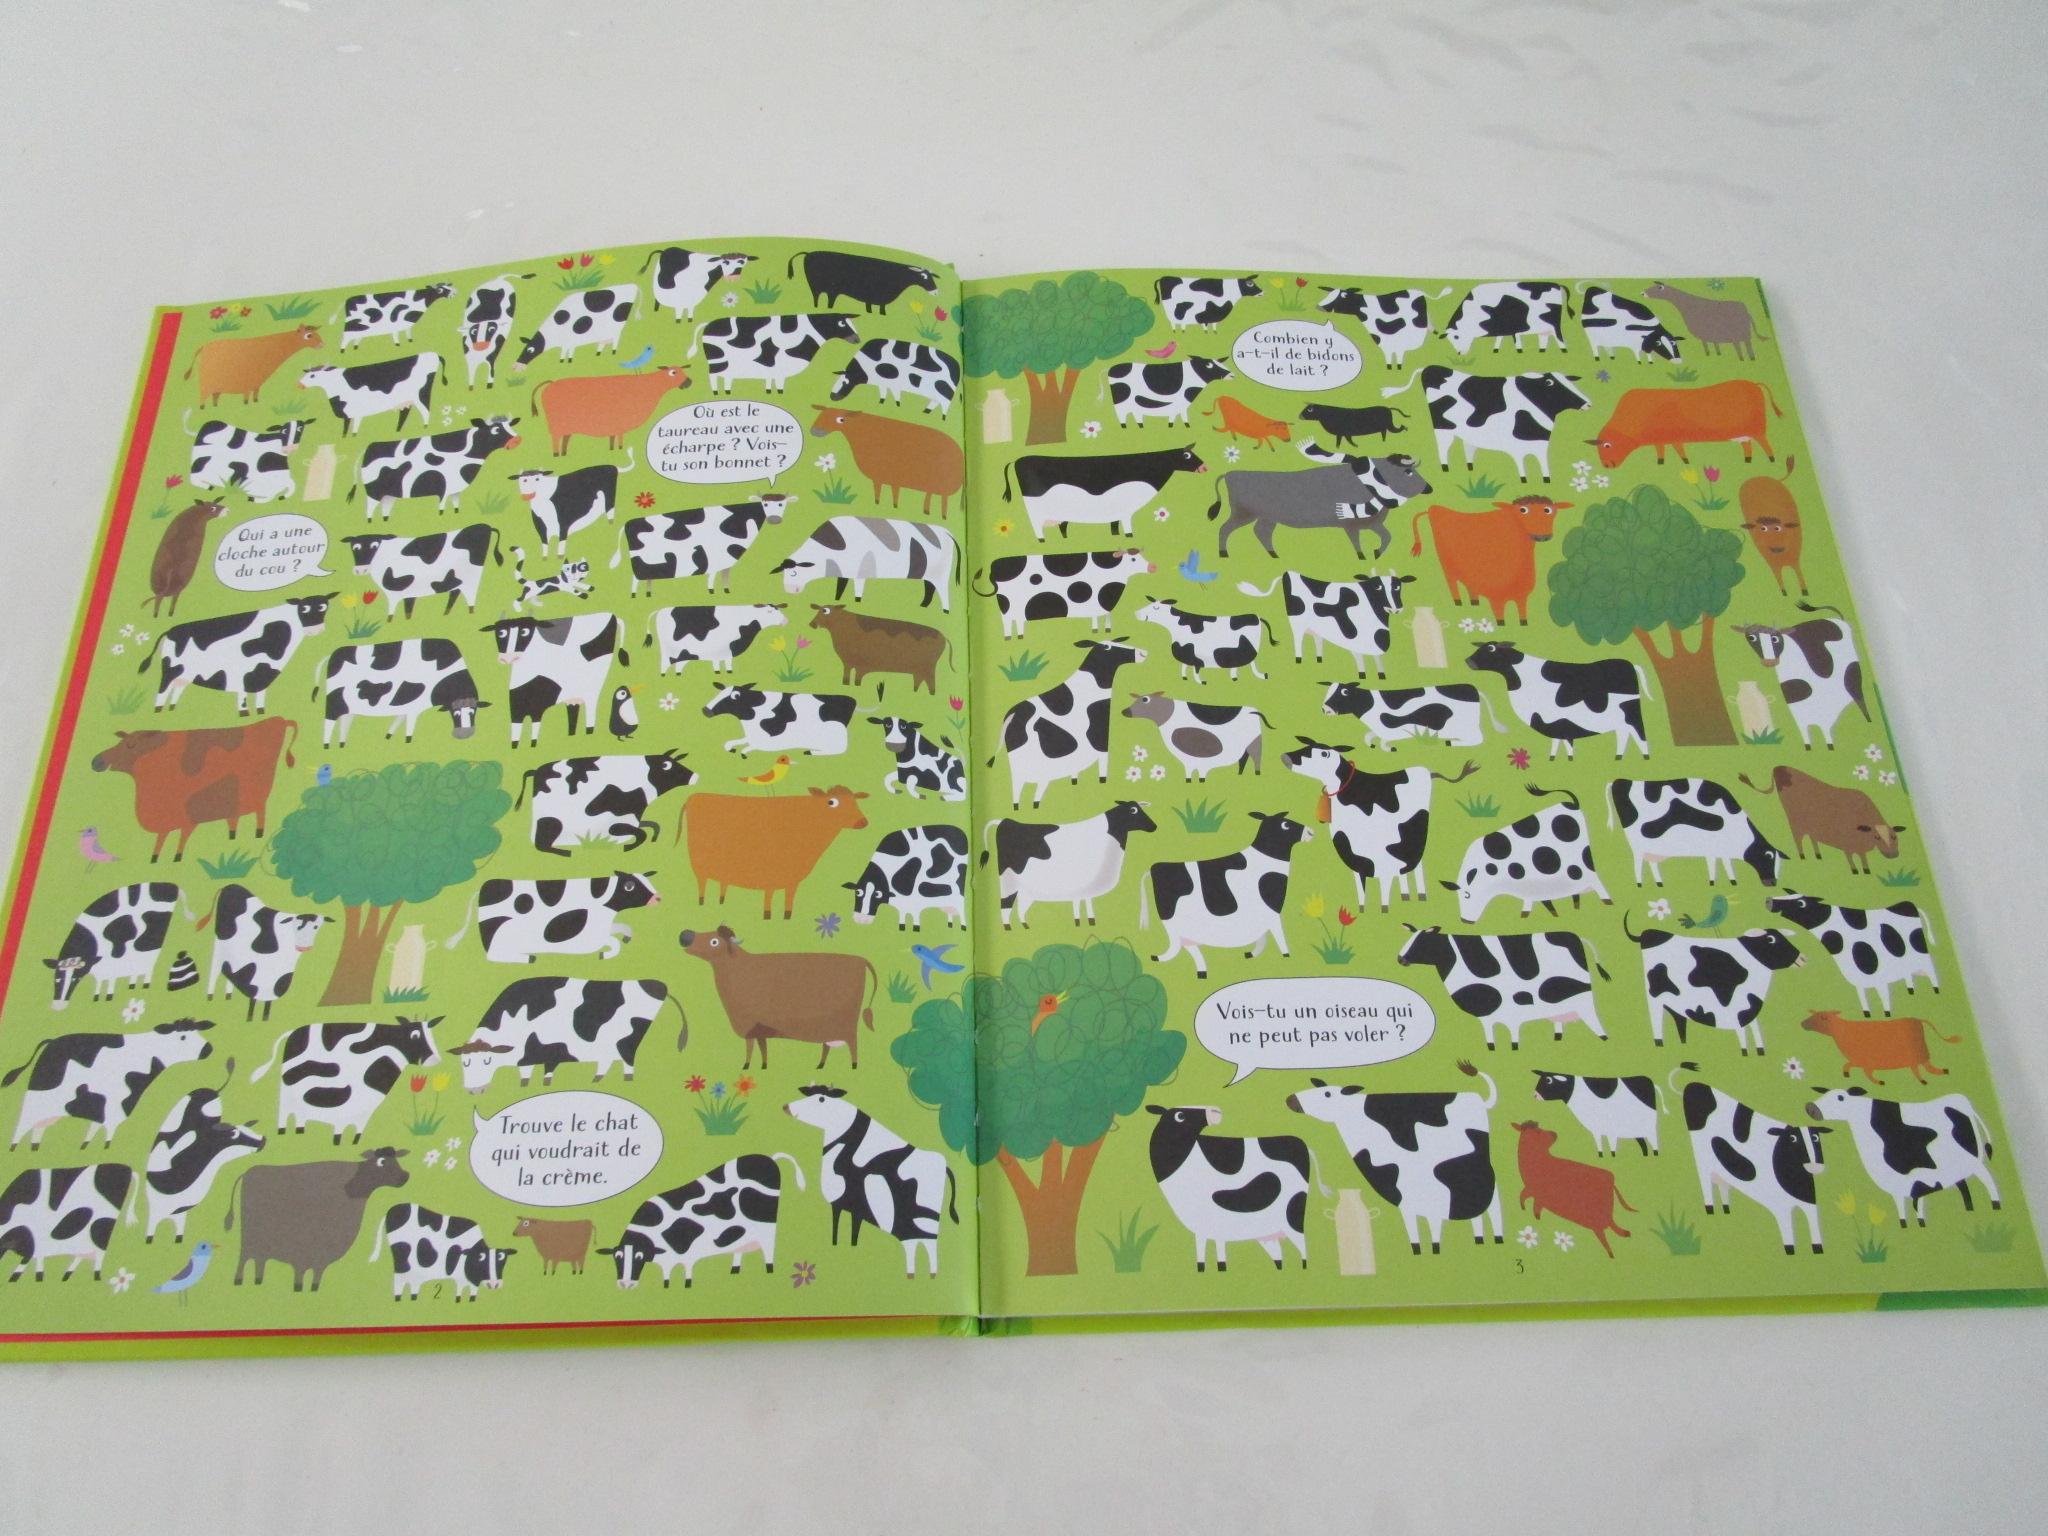 Cherche Et Trouve A La Ferme Editions Usborne